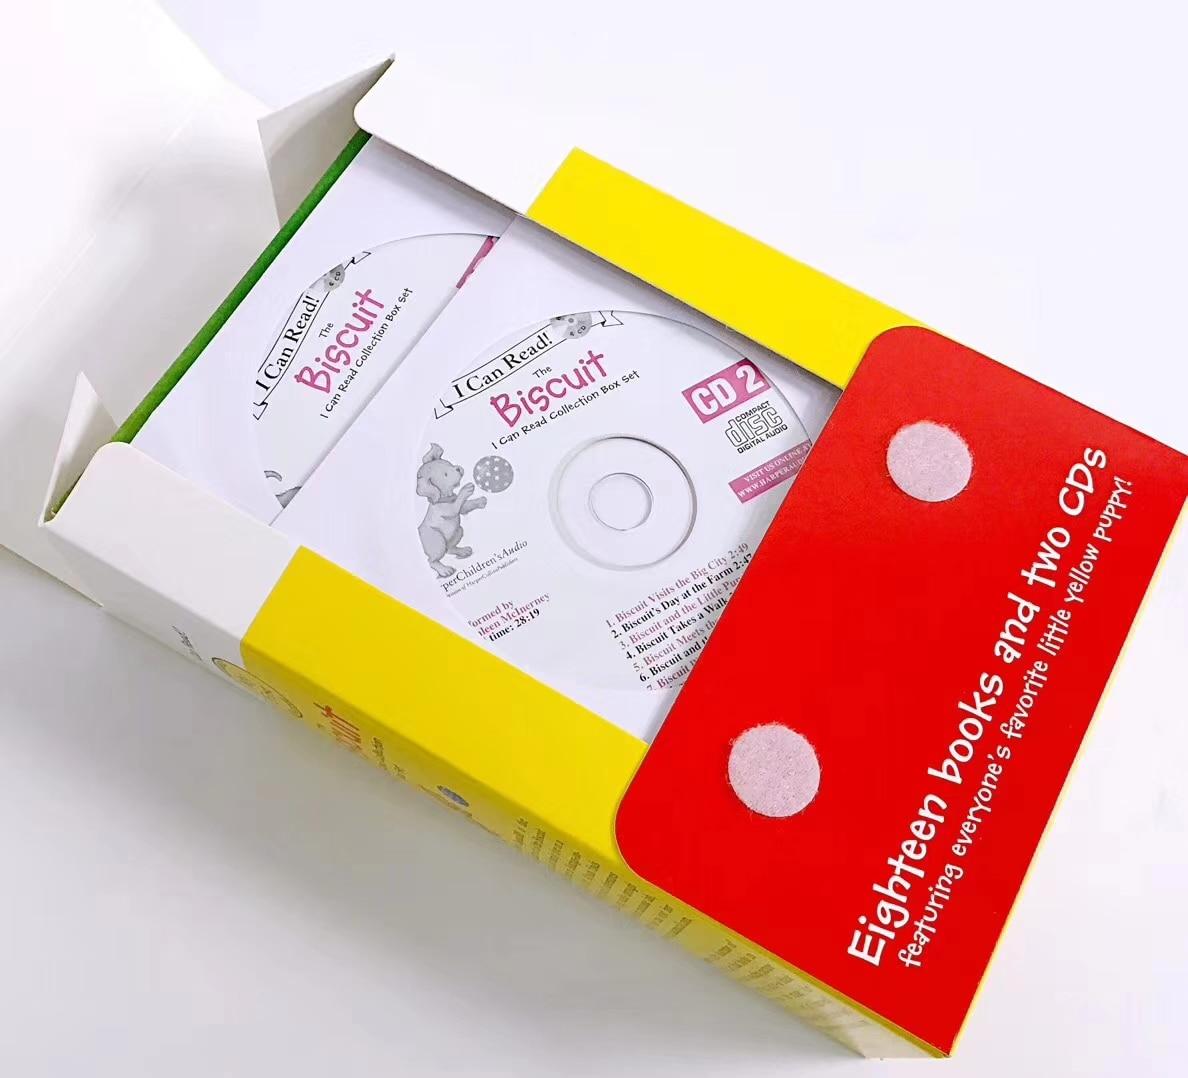 18 livres/Set + 2 pièces CD Biscuit Série D'images Anglais Livres Enfants Je Peux Lire Histoire Livre de Lecture Educaction pour Enfants Montessori - 2